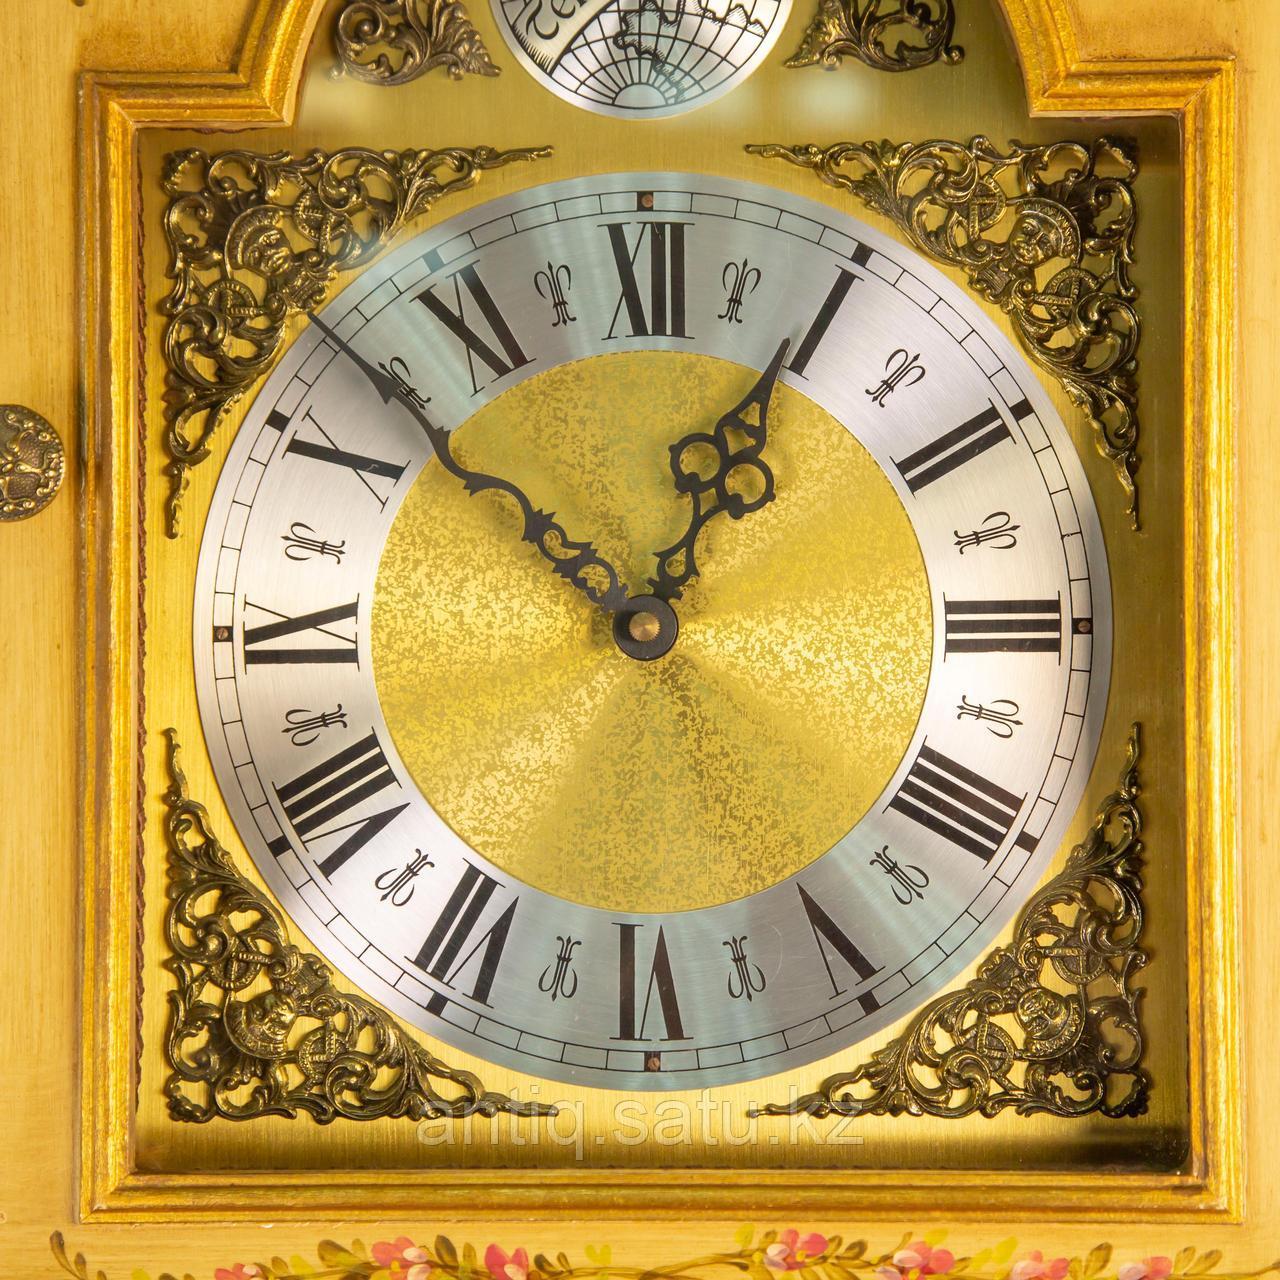 Напольные часы. Часовая мастерская Romanet Fabrik - фото 5